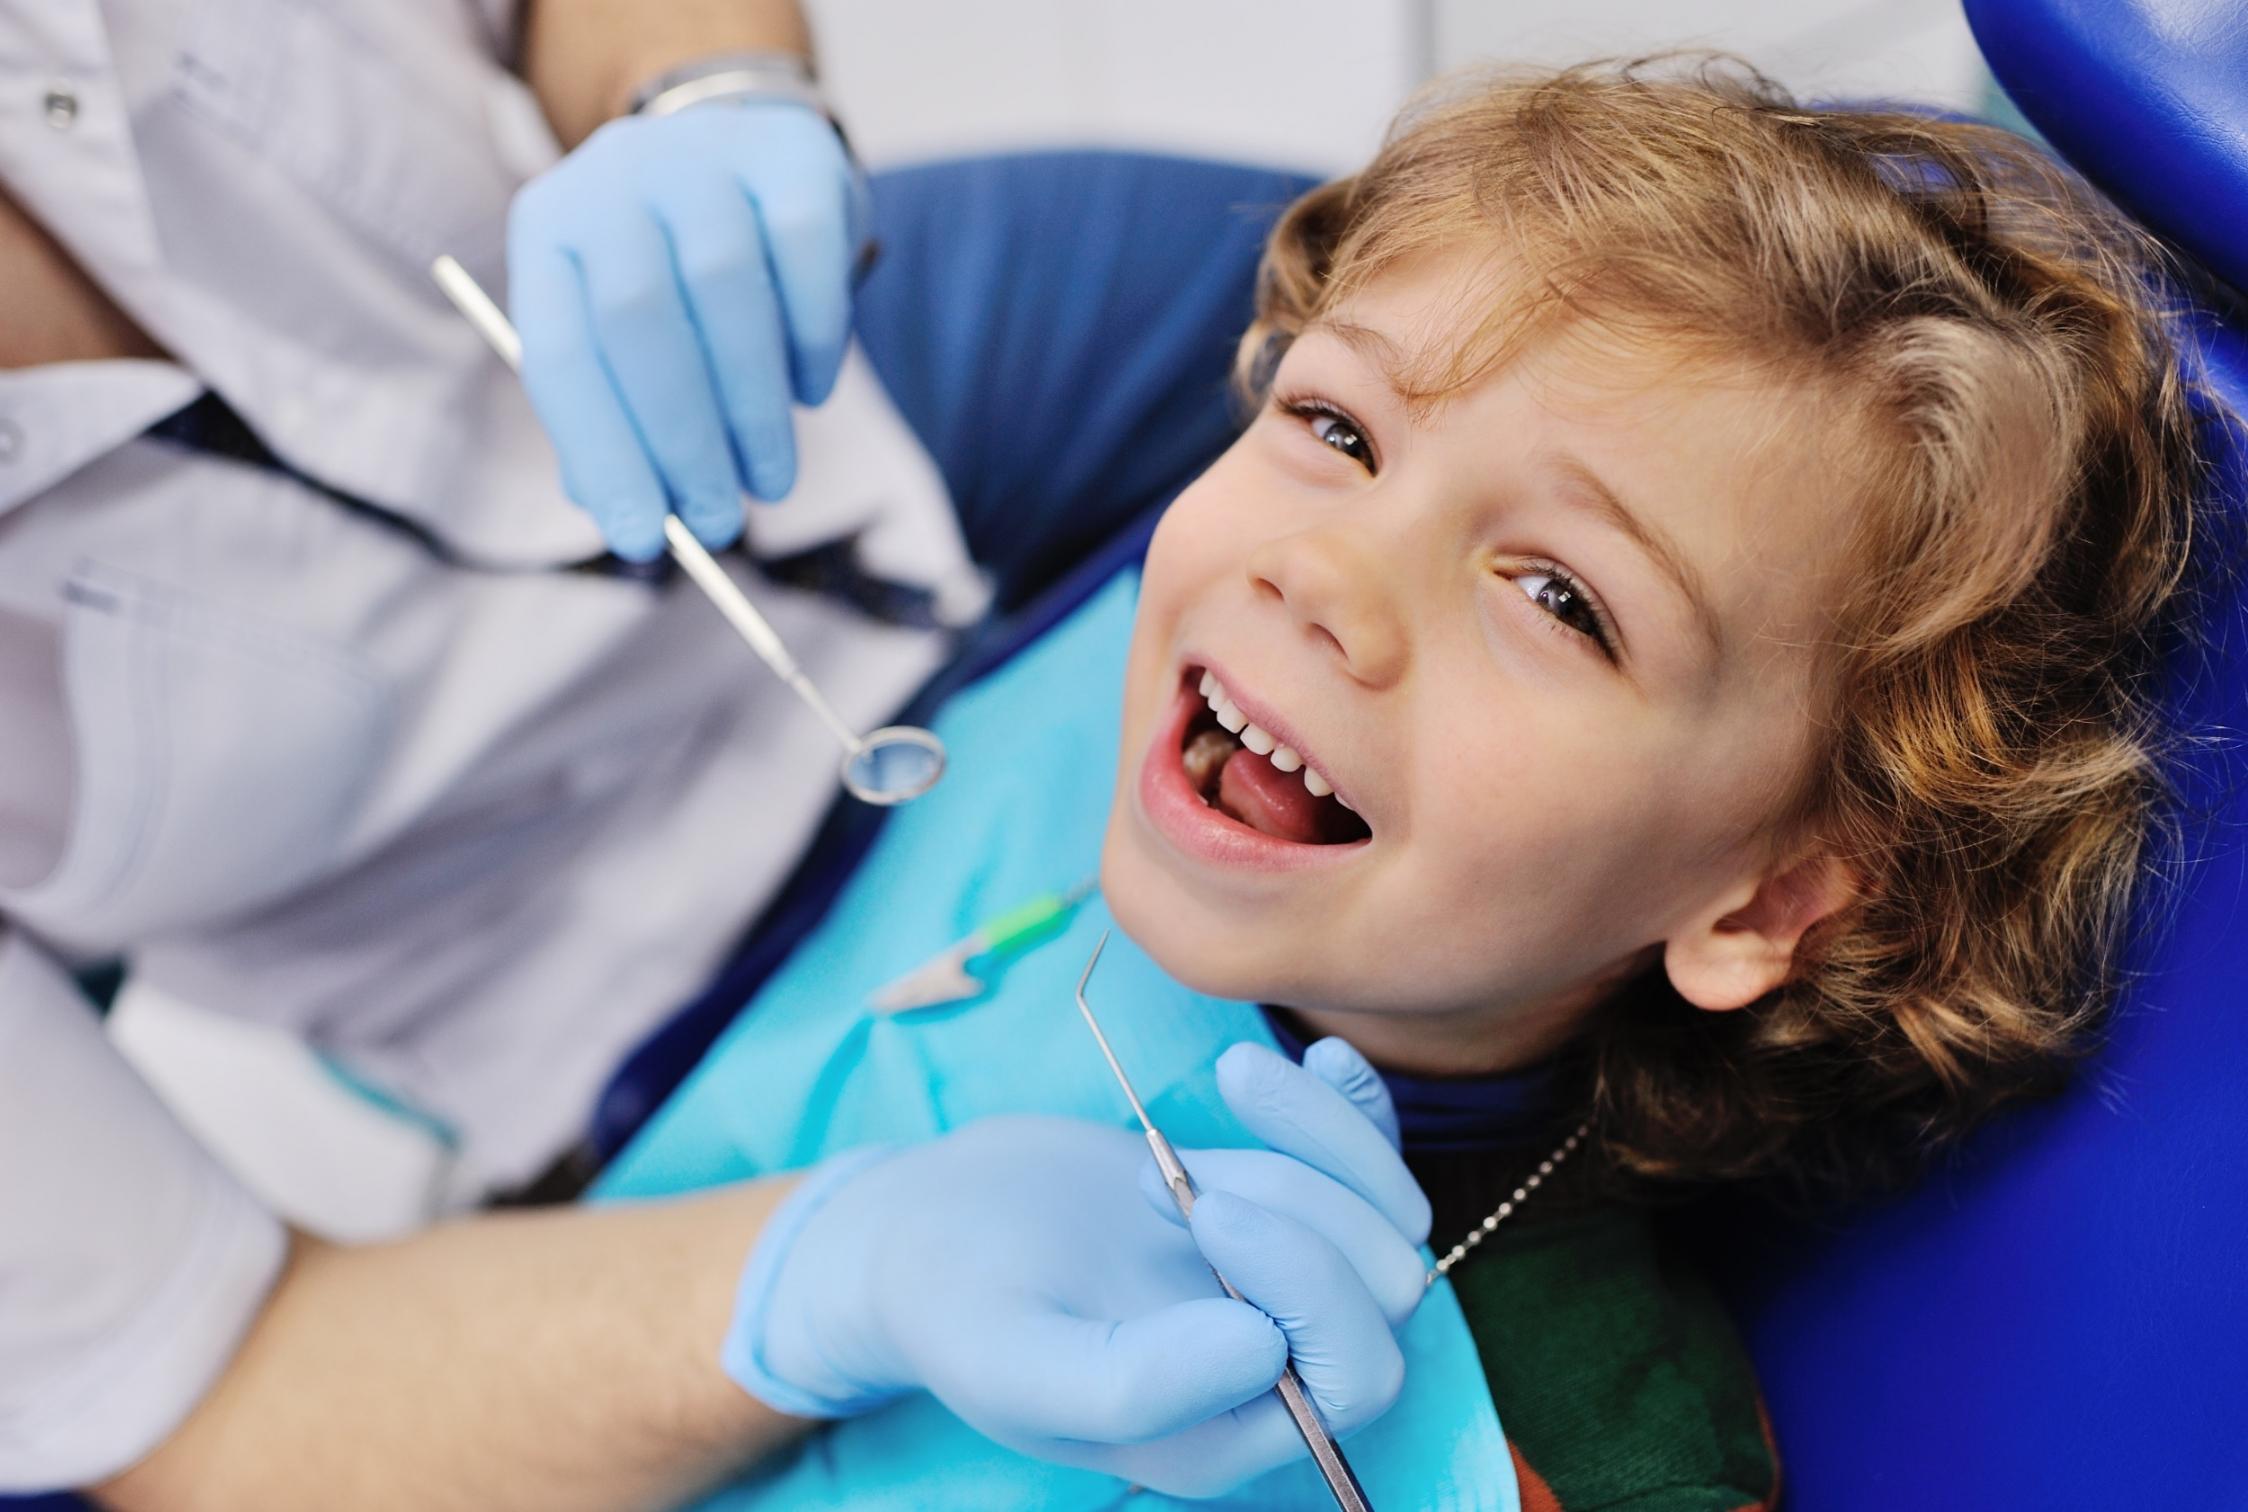 In unserer Praxis sind wir auf kleine Patienten eingestellt. Bei dent + face praktizieren wir sanfte Kinderzahnheilkunde. Damit legen wir den Grundstein für die Zahngesundheit im Erwachsenenalter.